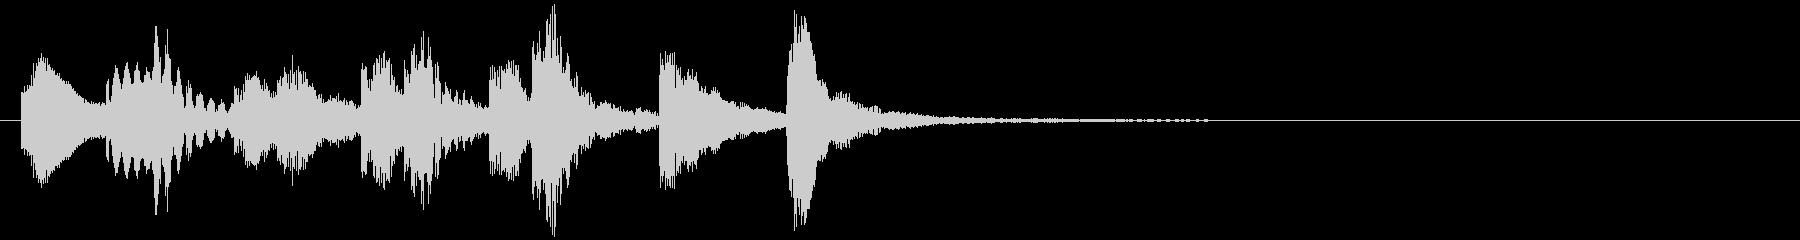 のほほんジングル034_かわいい-3の未再生の波形